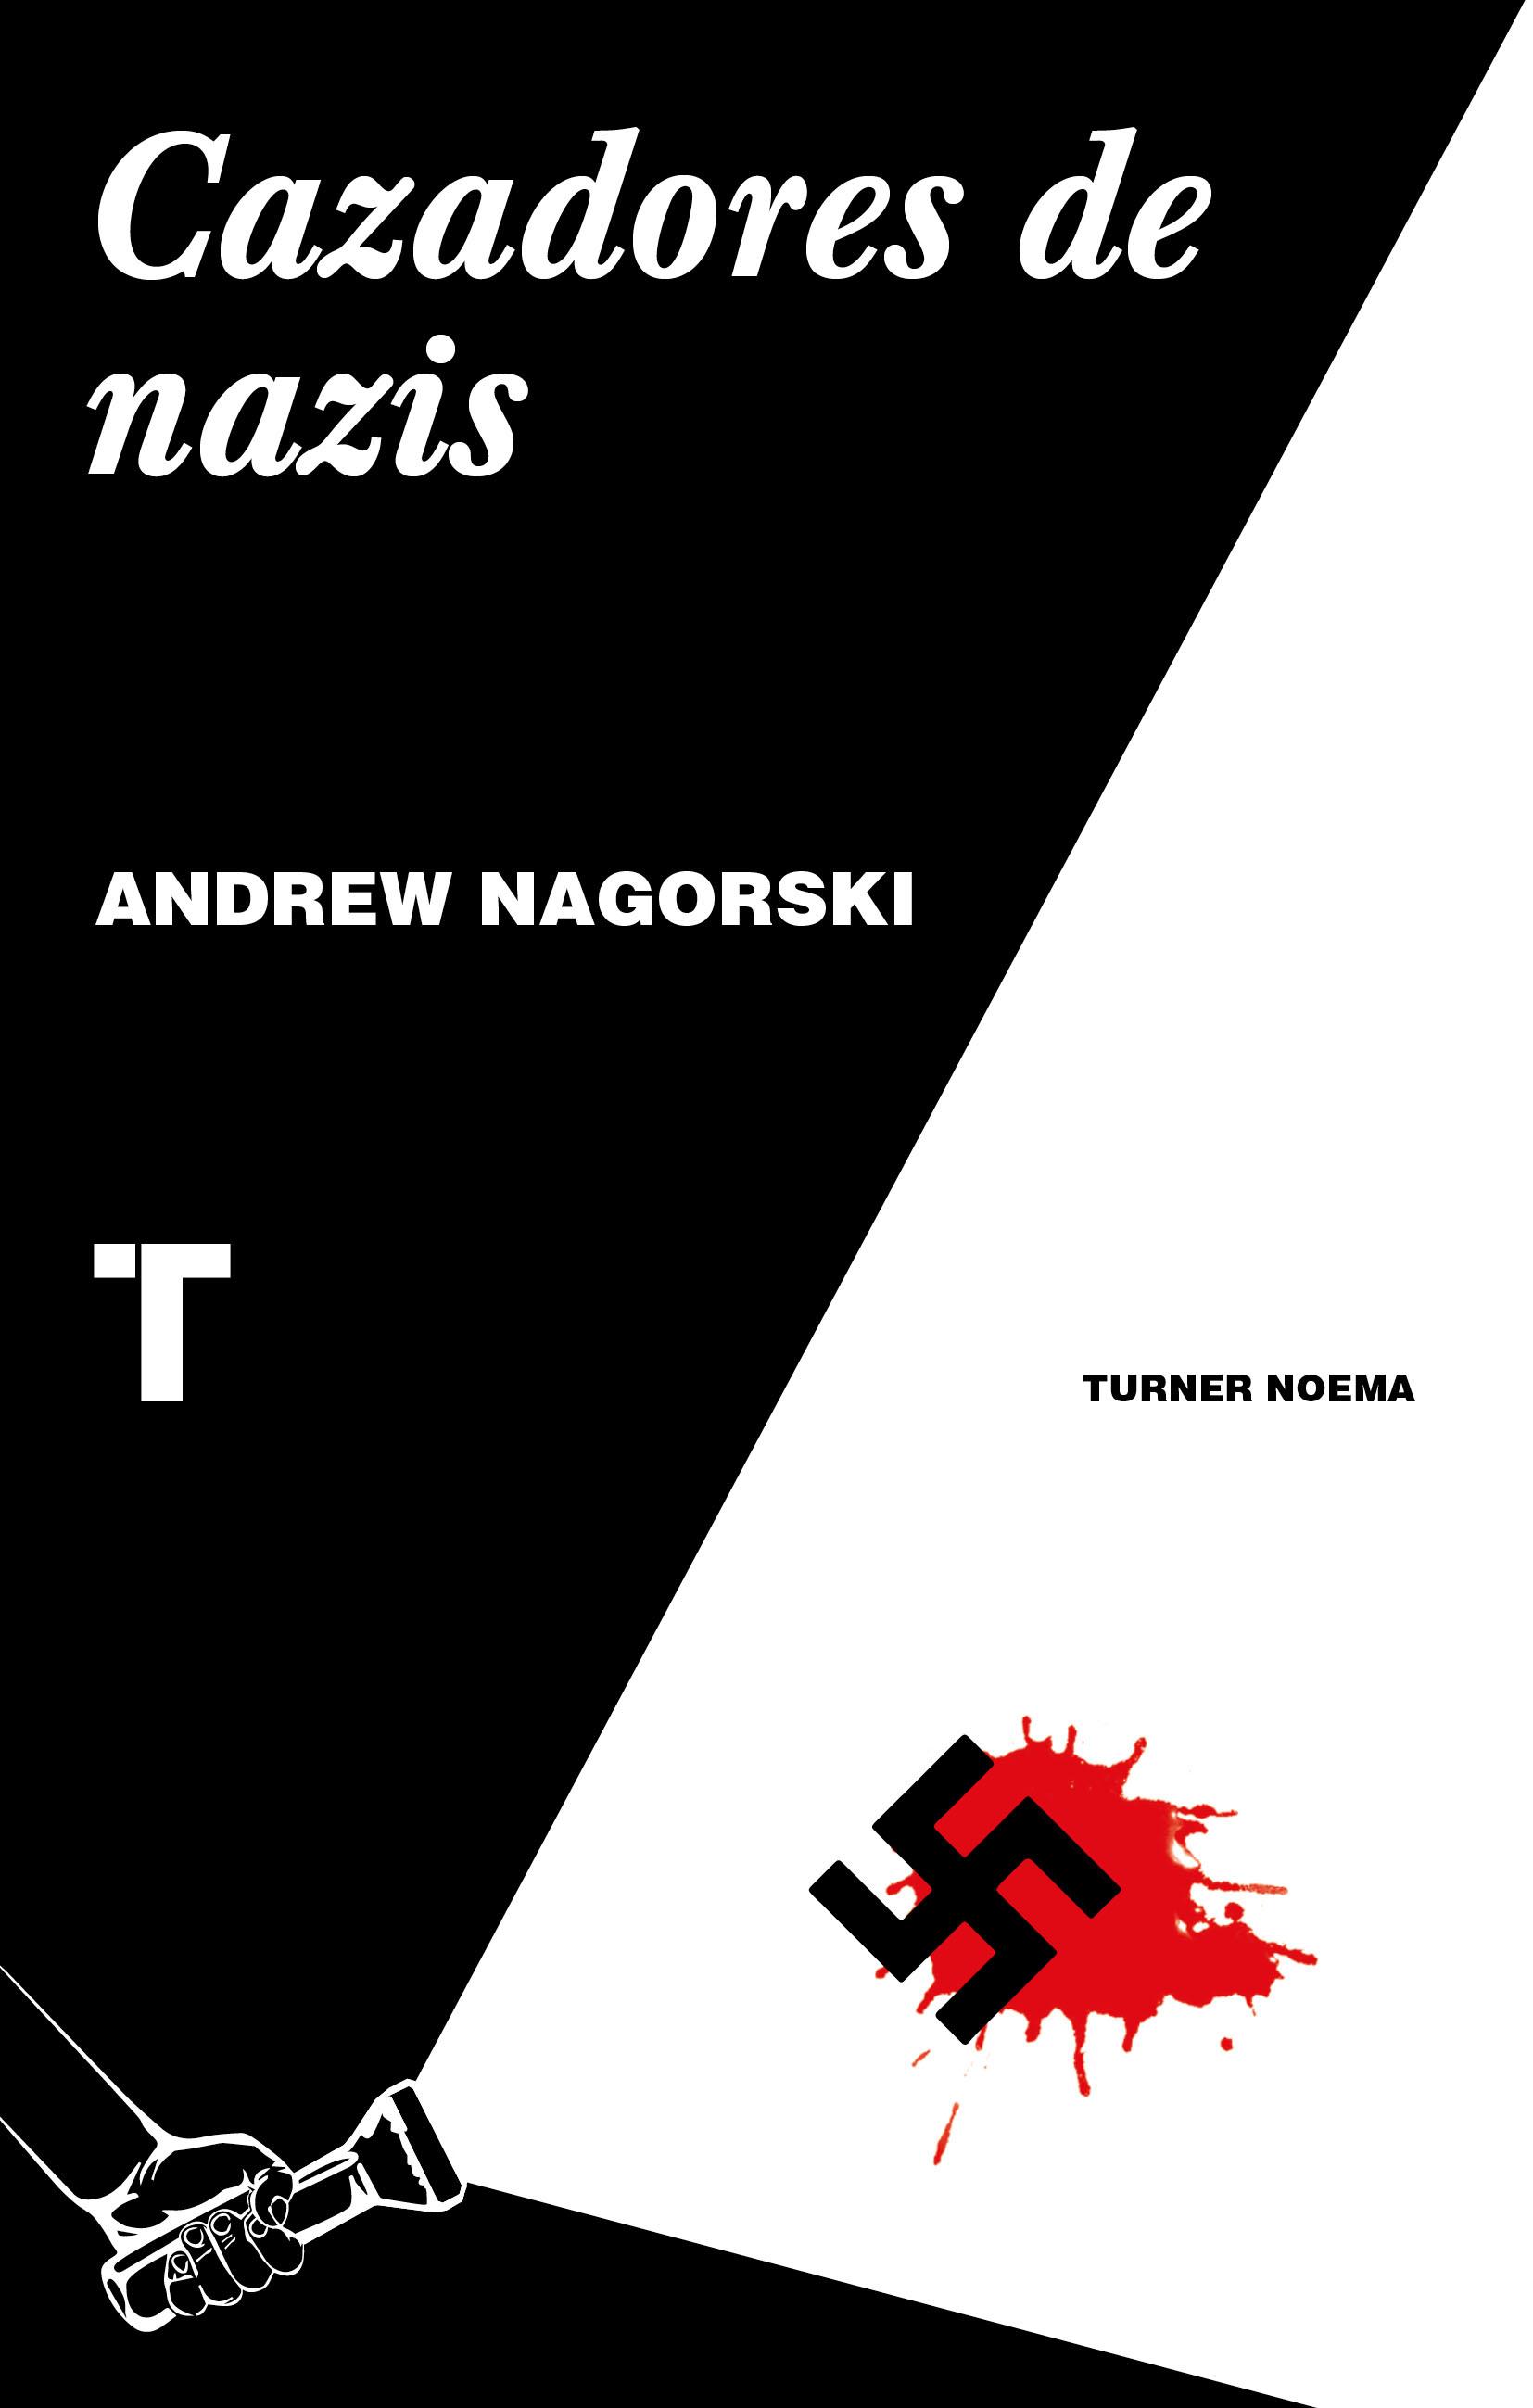 cazadores de nazis_turner